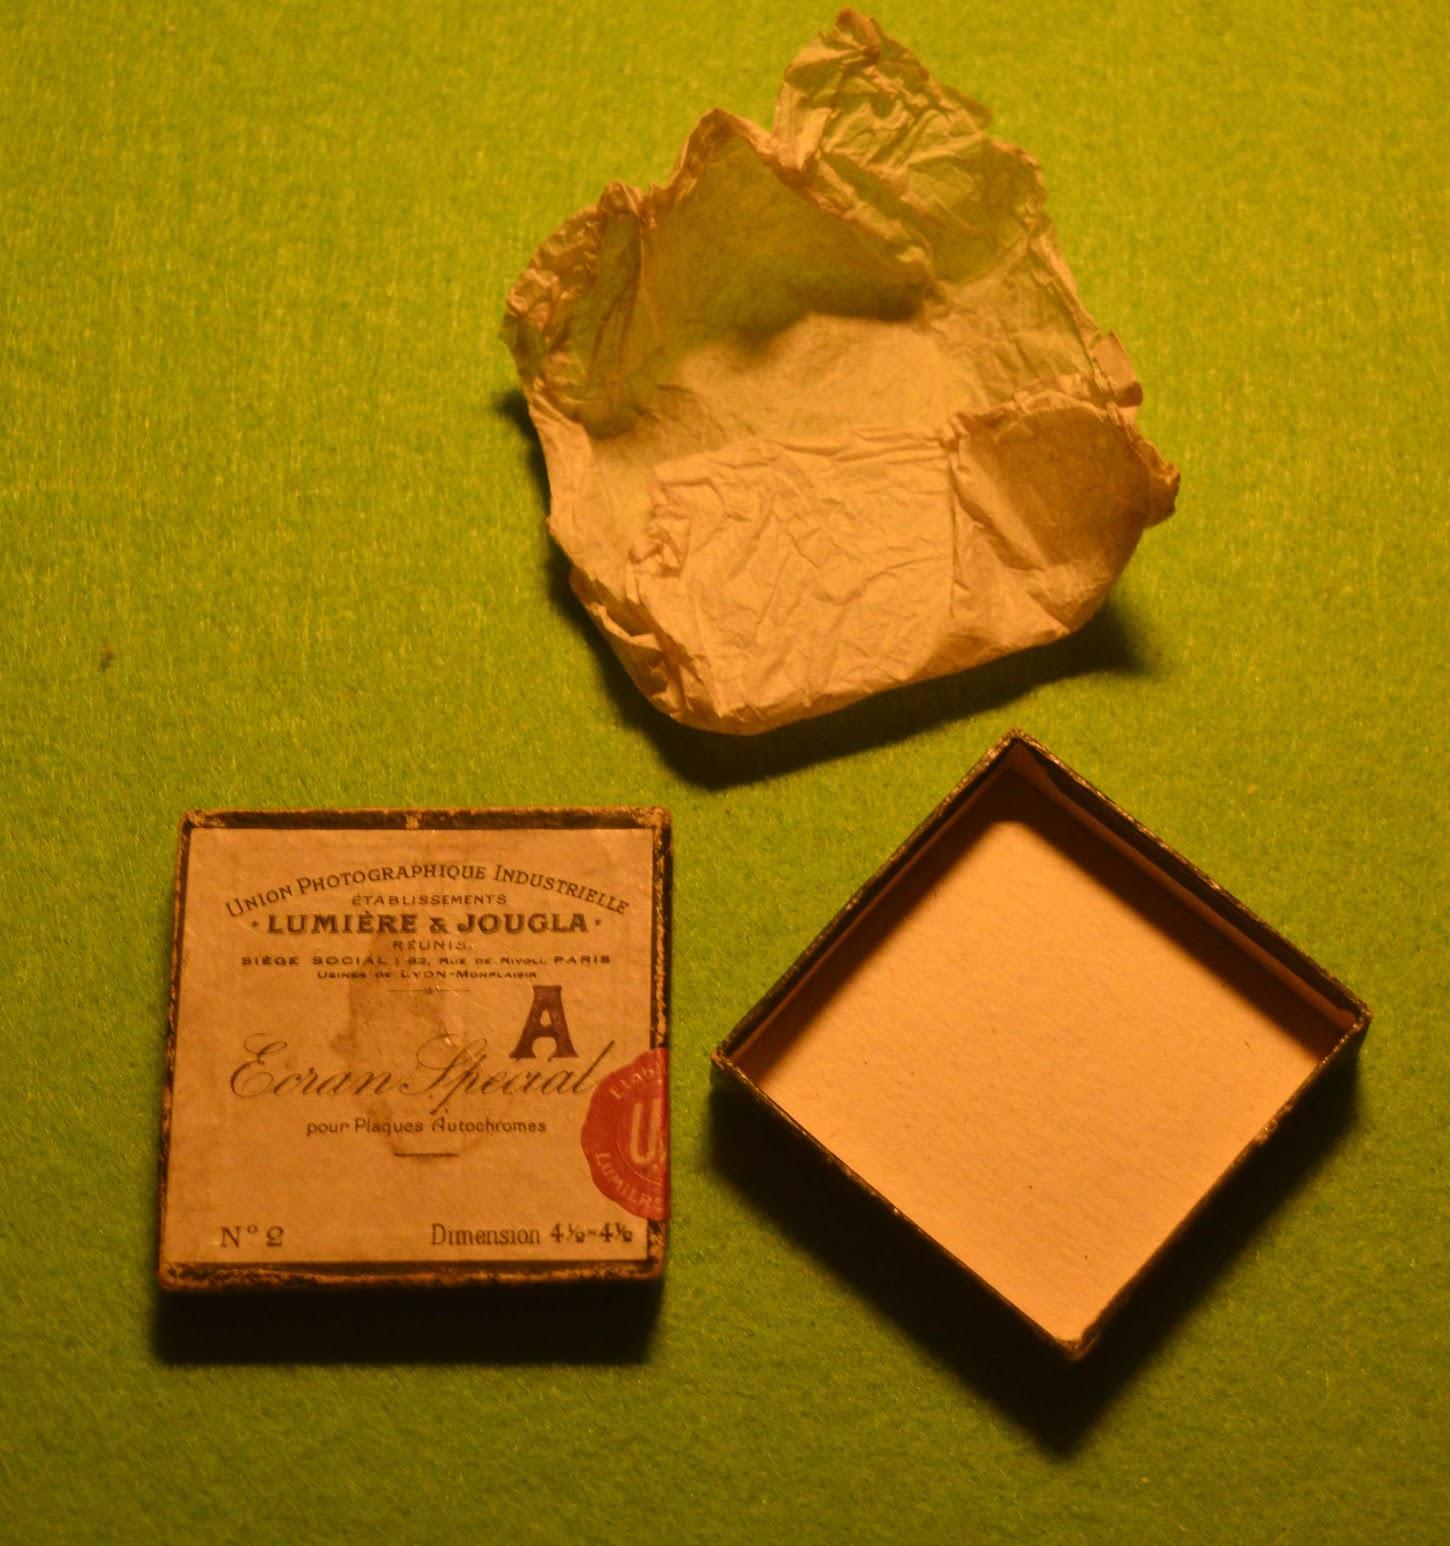 Union Photographique Industrielle Lumière & Jougla - Ecran Special - Gelbfilter - 1911 - 1928